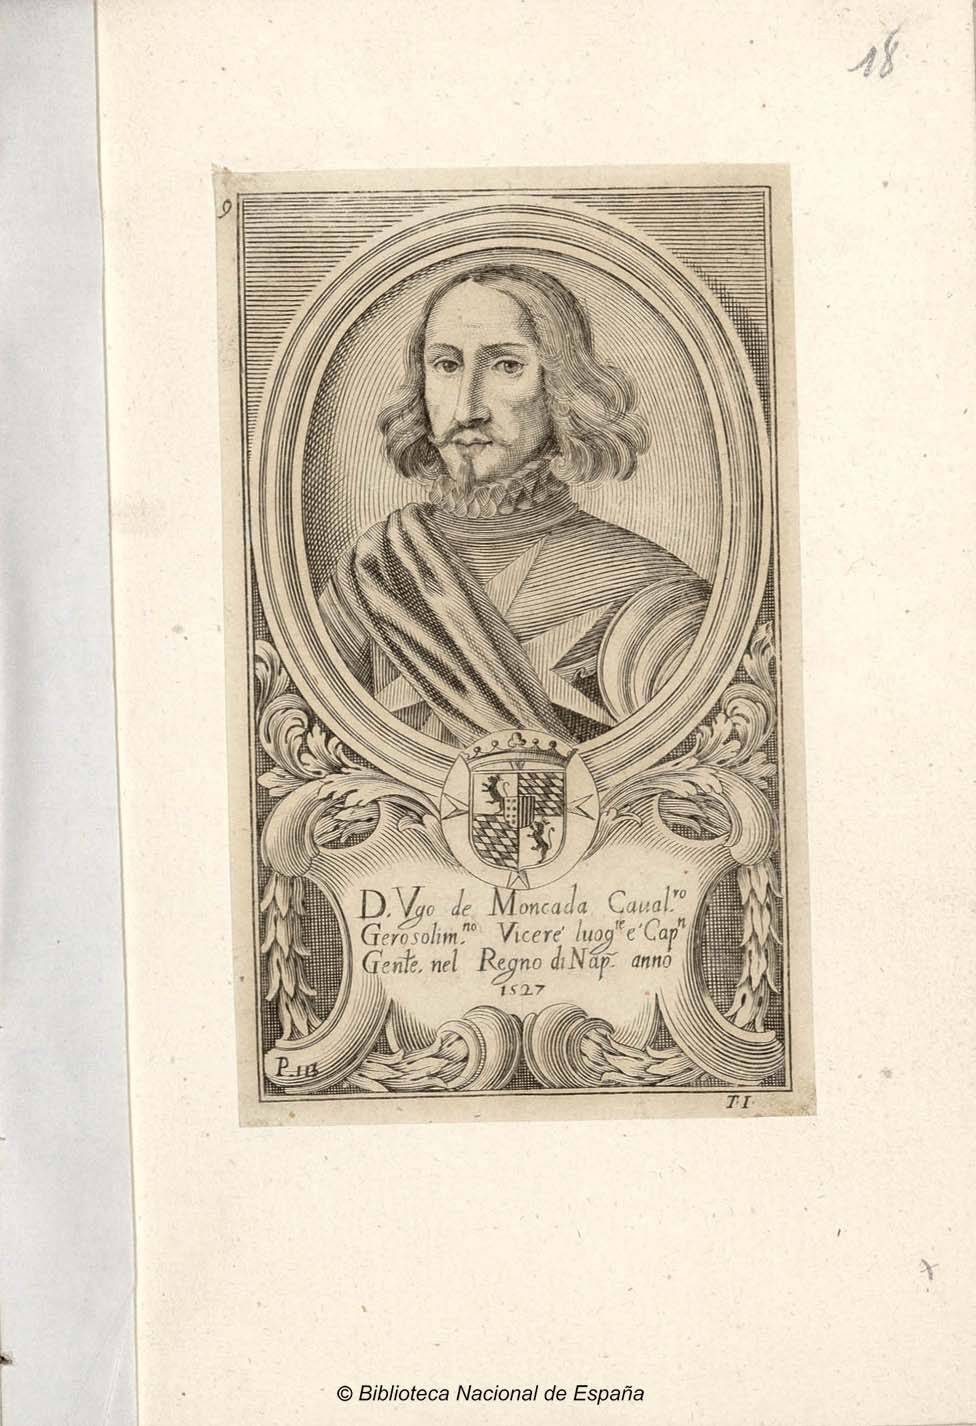 Retrato de Hugo Moncada - аноним, XVII век